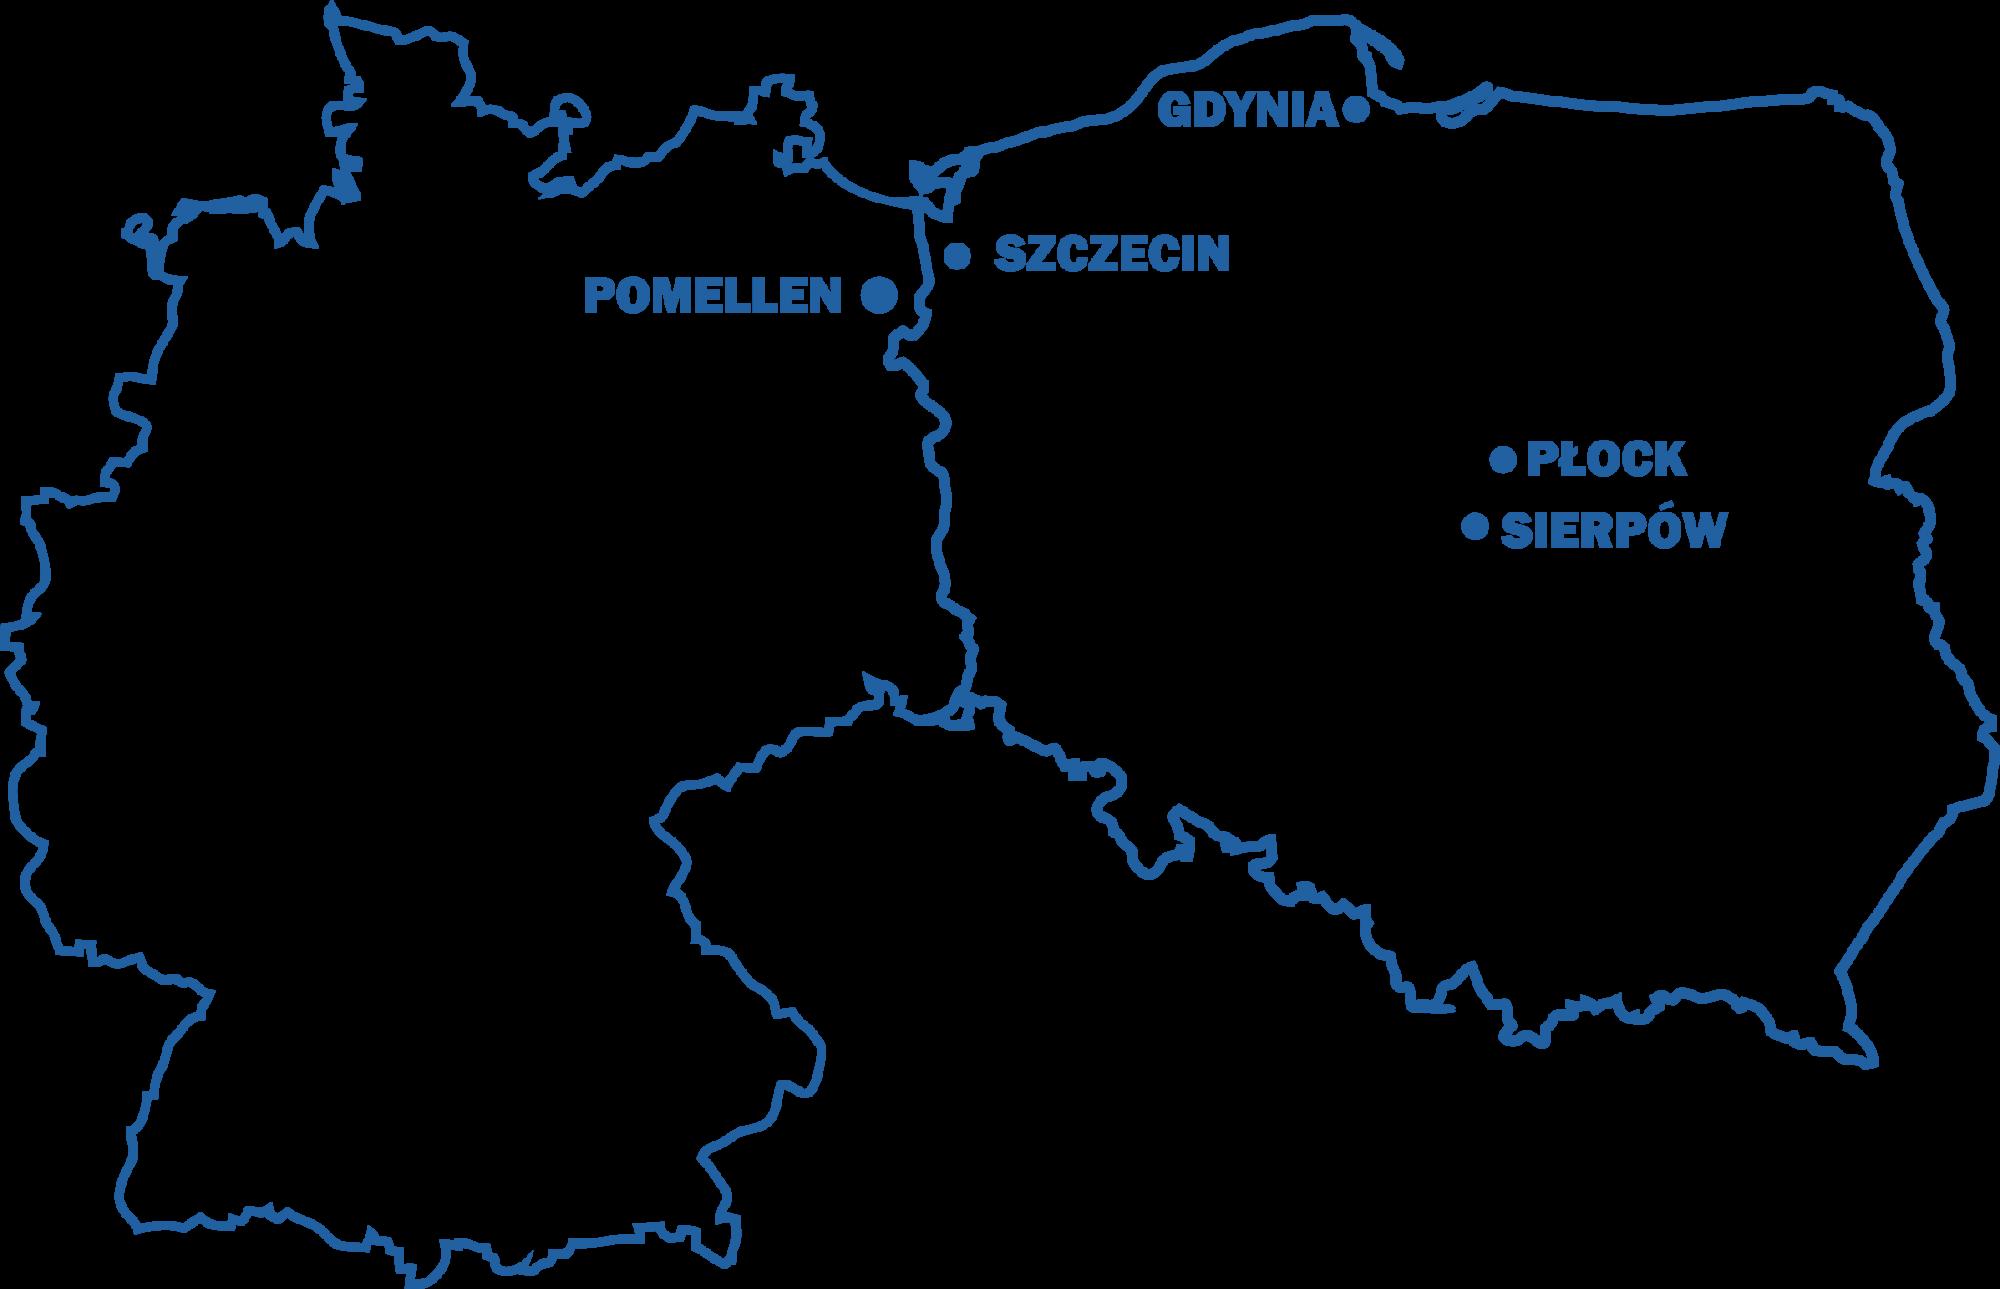 Mapa z zaznaczonymi oddziałami w Płocku, Sierpowie, Szczecinie, Gdyni i Pomellen